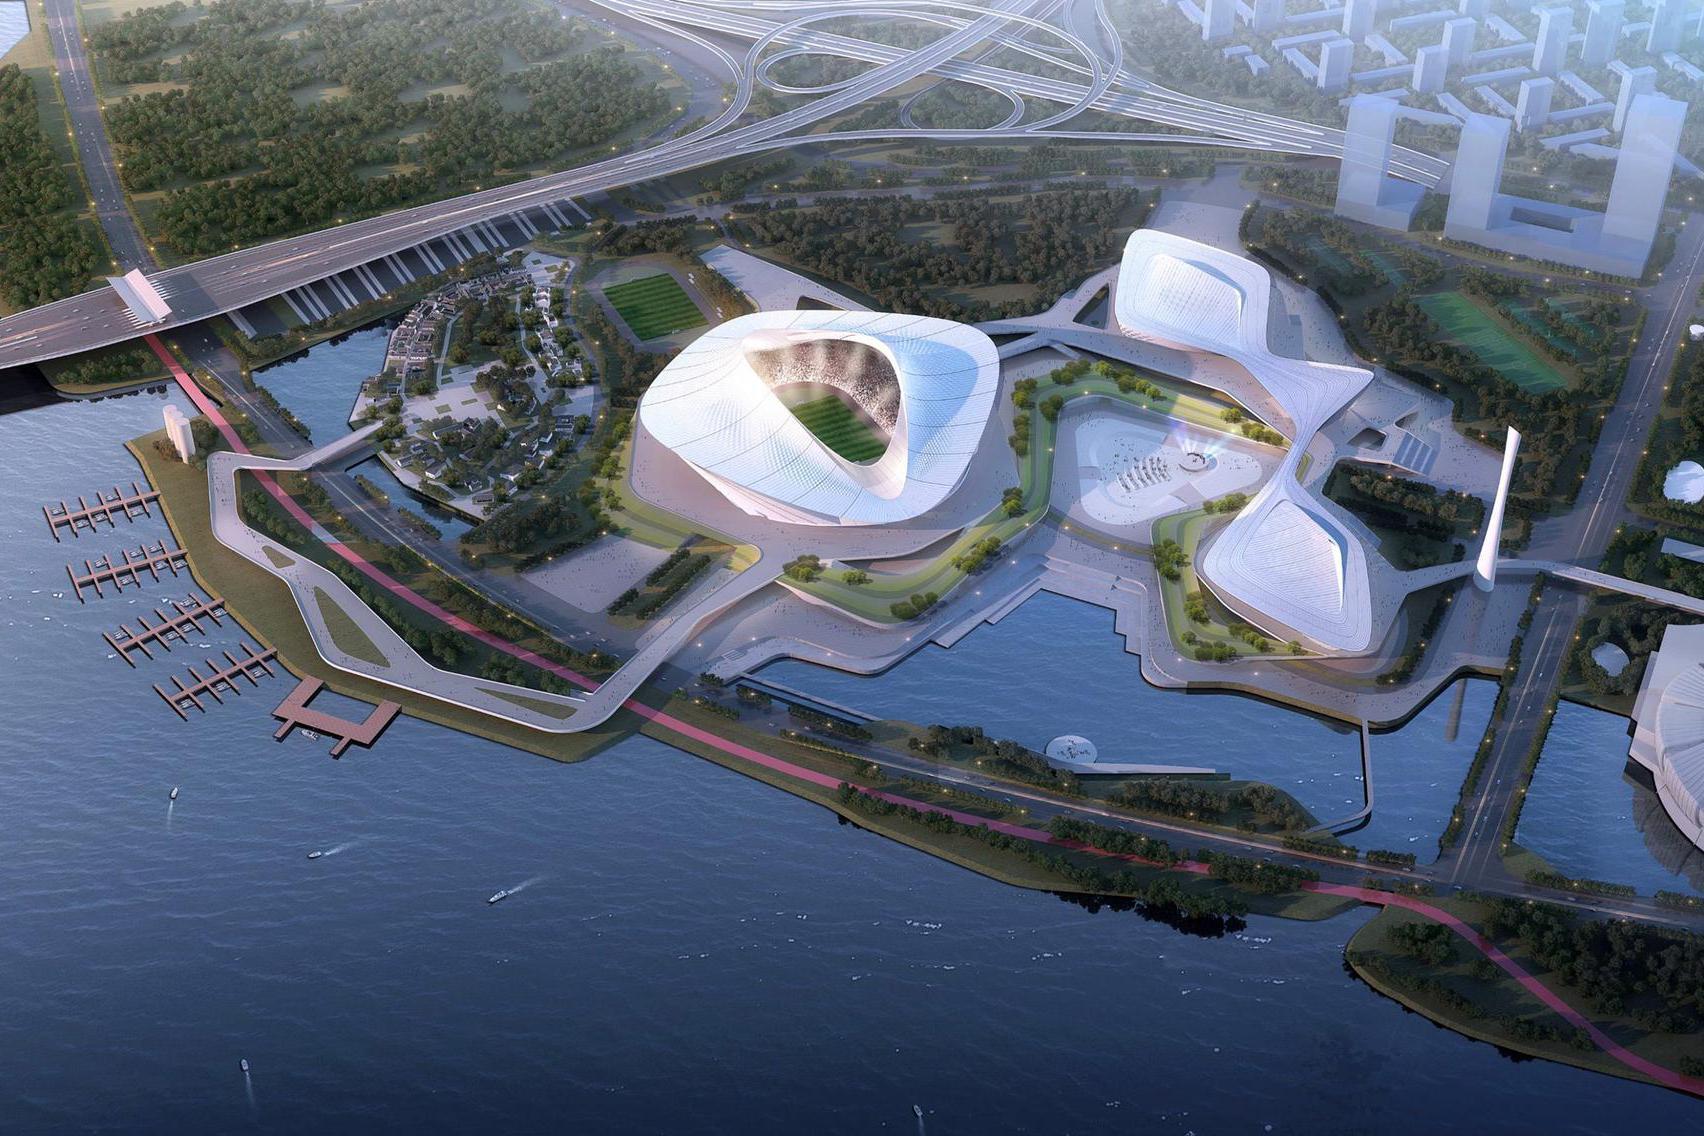 2023年亚洲杯中国组委会调研厦门新体育中心,厦门新地标建筑